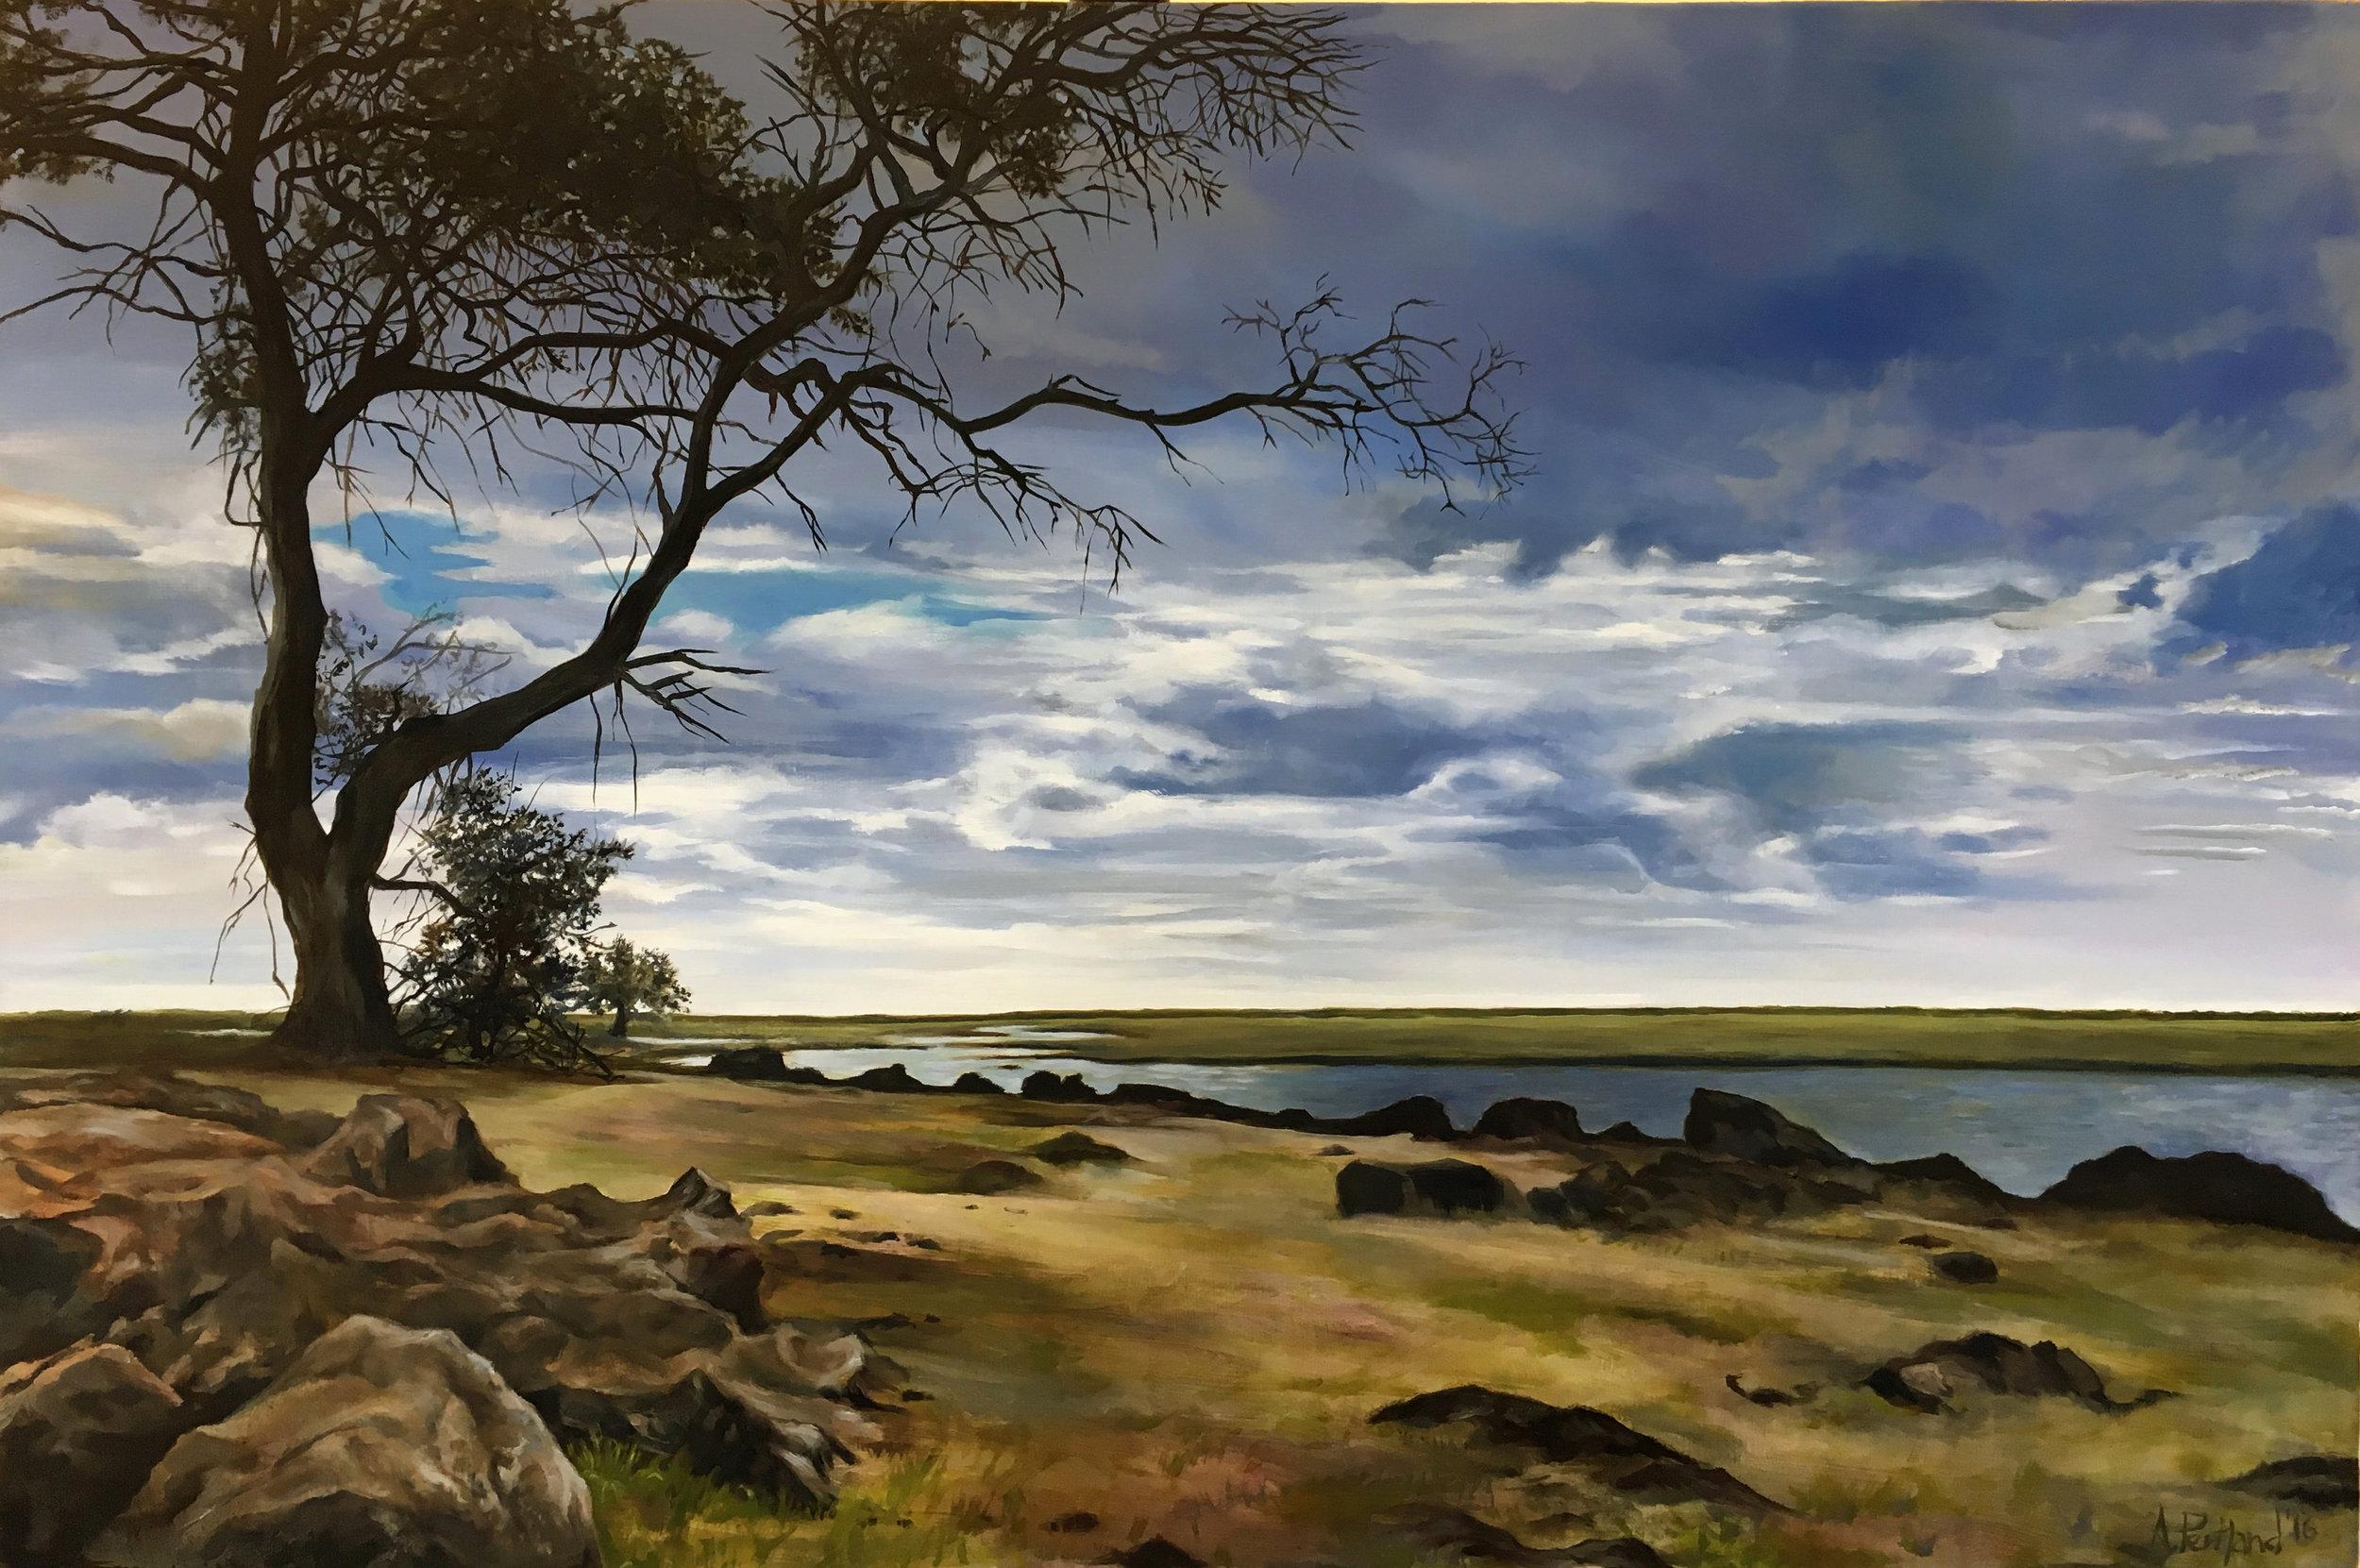 Chobe River Basin